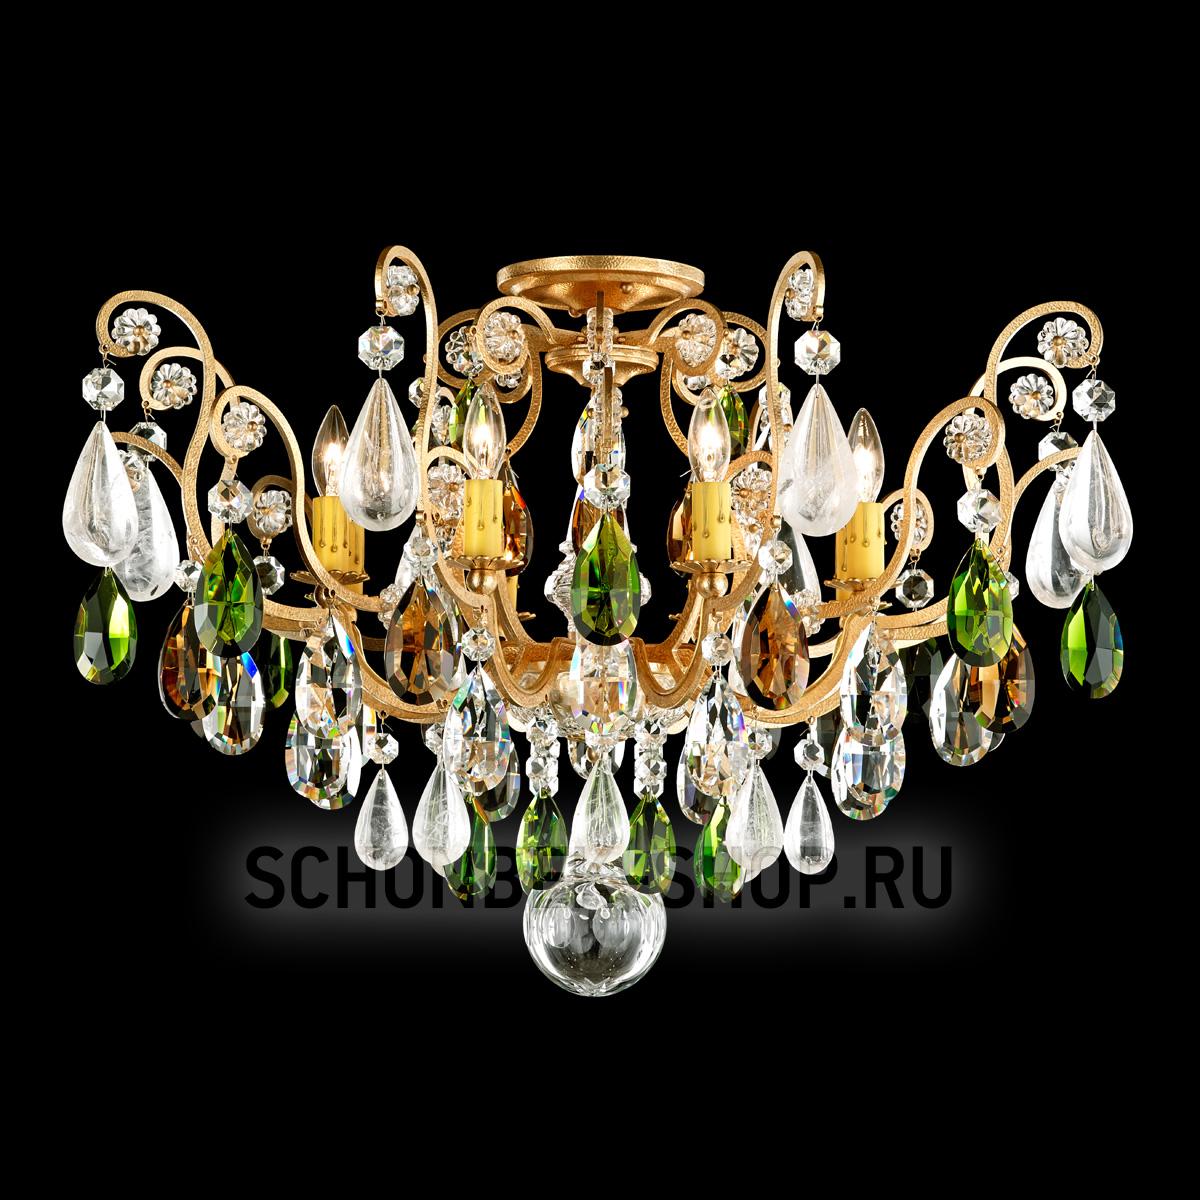 Фотография 1 - Светильник Schonbek Renaissance Rock Crystal 3585